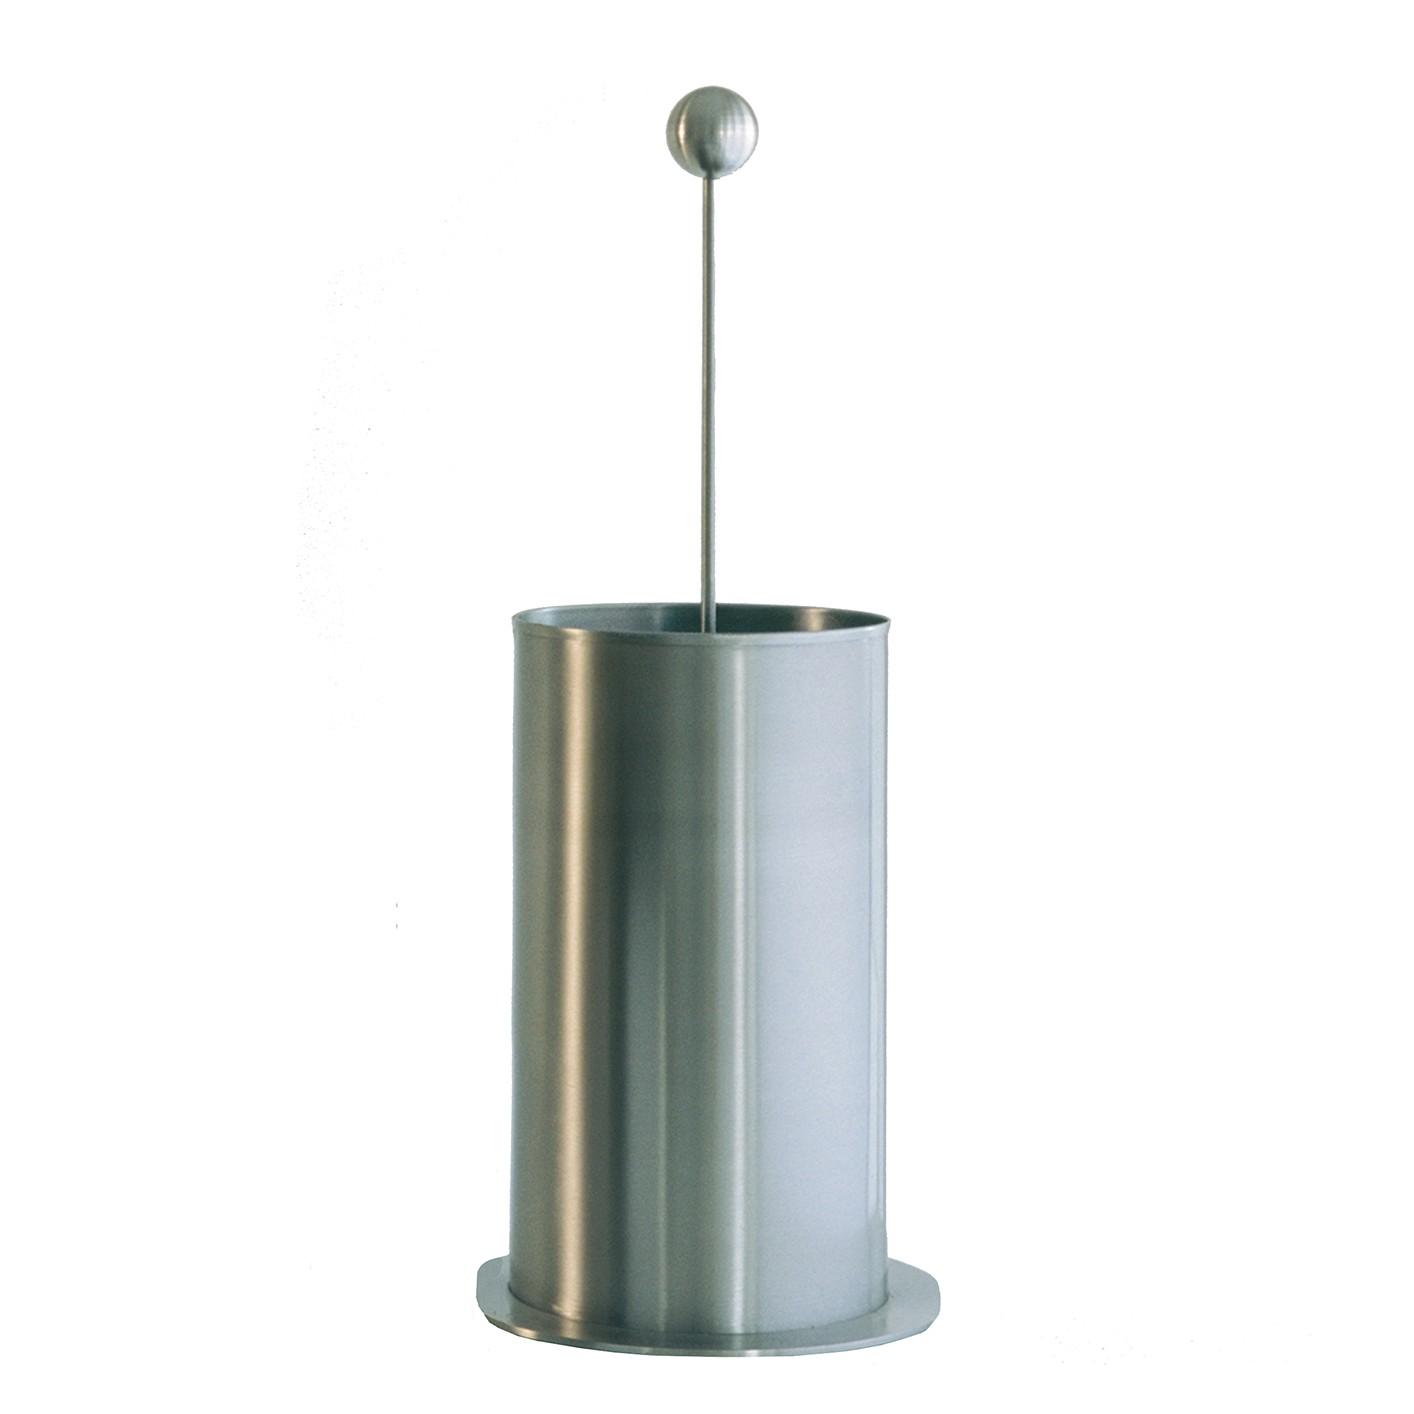 Kaminbesteckablage Bibí Mehrzweckbehälter - Edelstahl - Silber, Conmoto